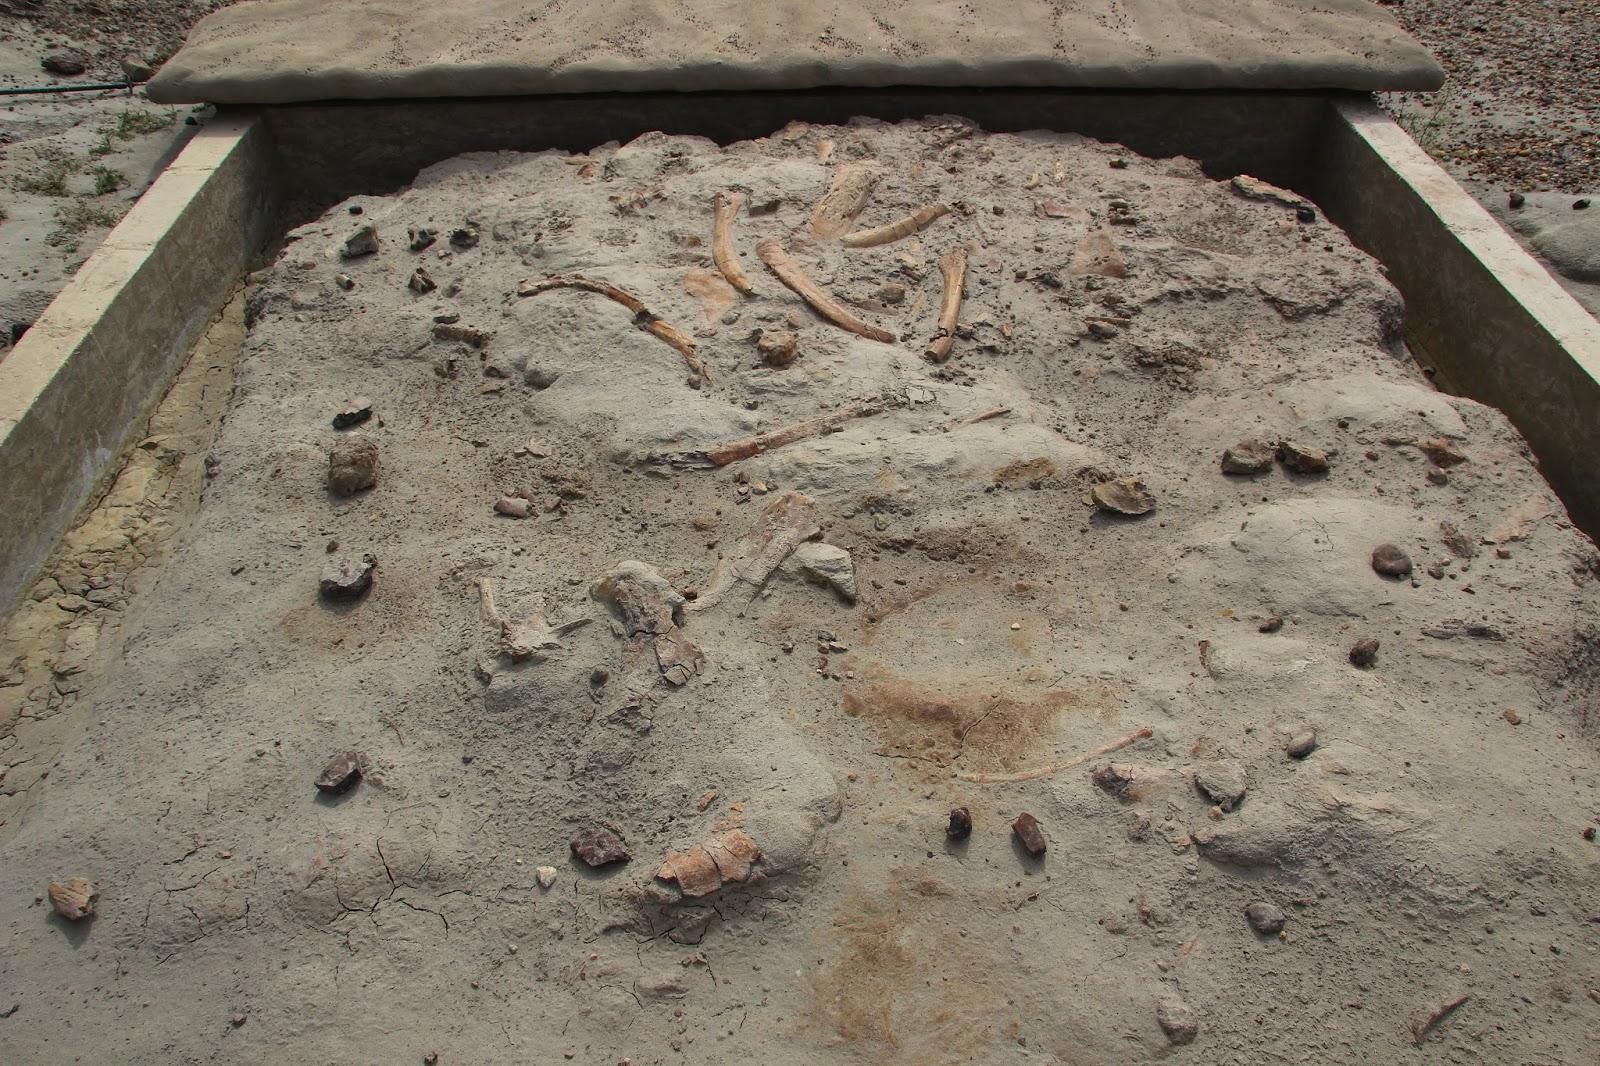 006 - Centrosaurus Quarry